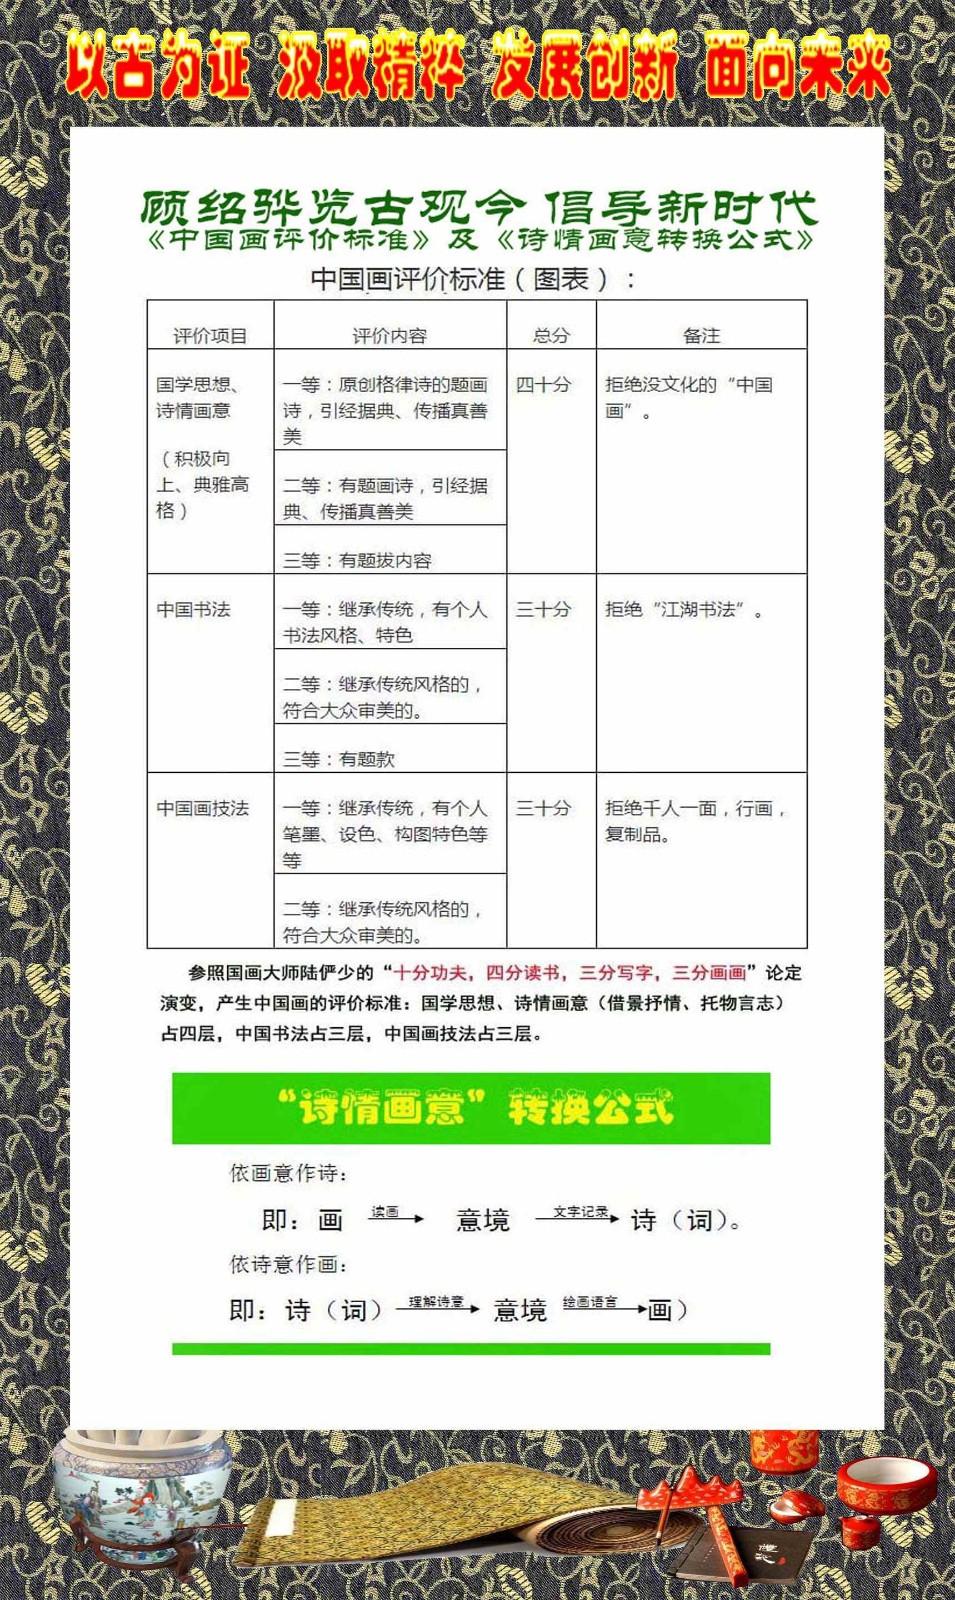 和而不同是常态 中华文明耀世界_图1-15